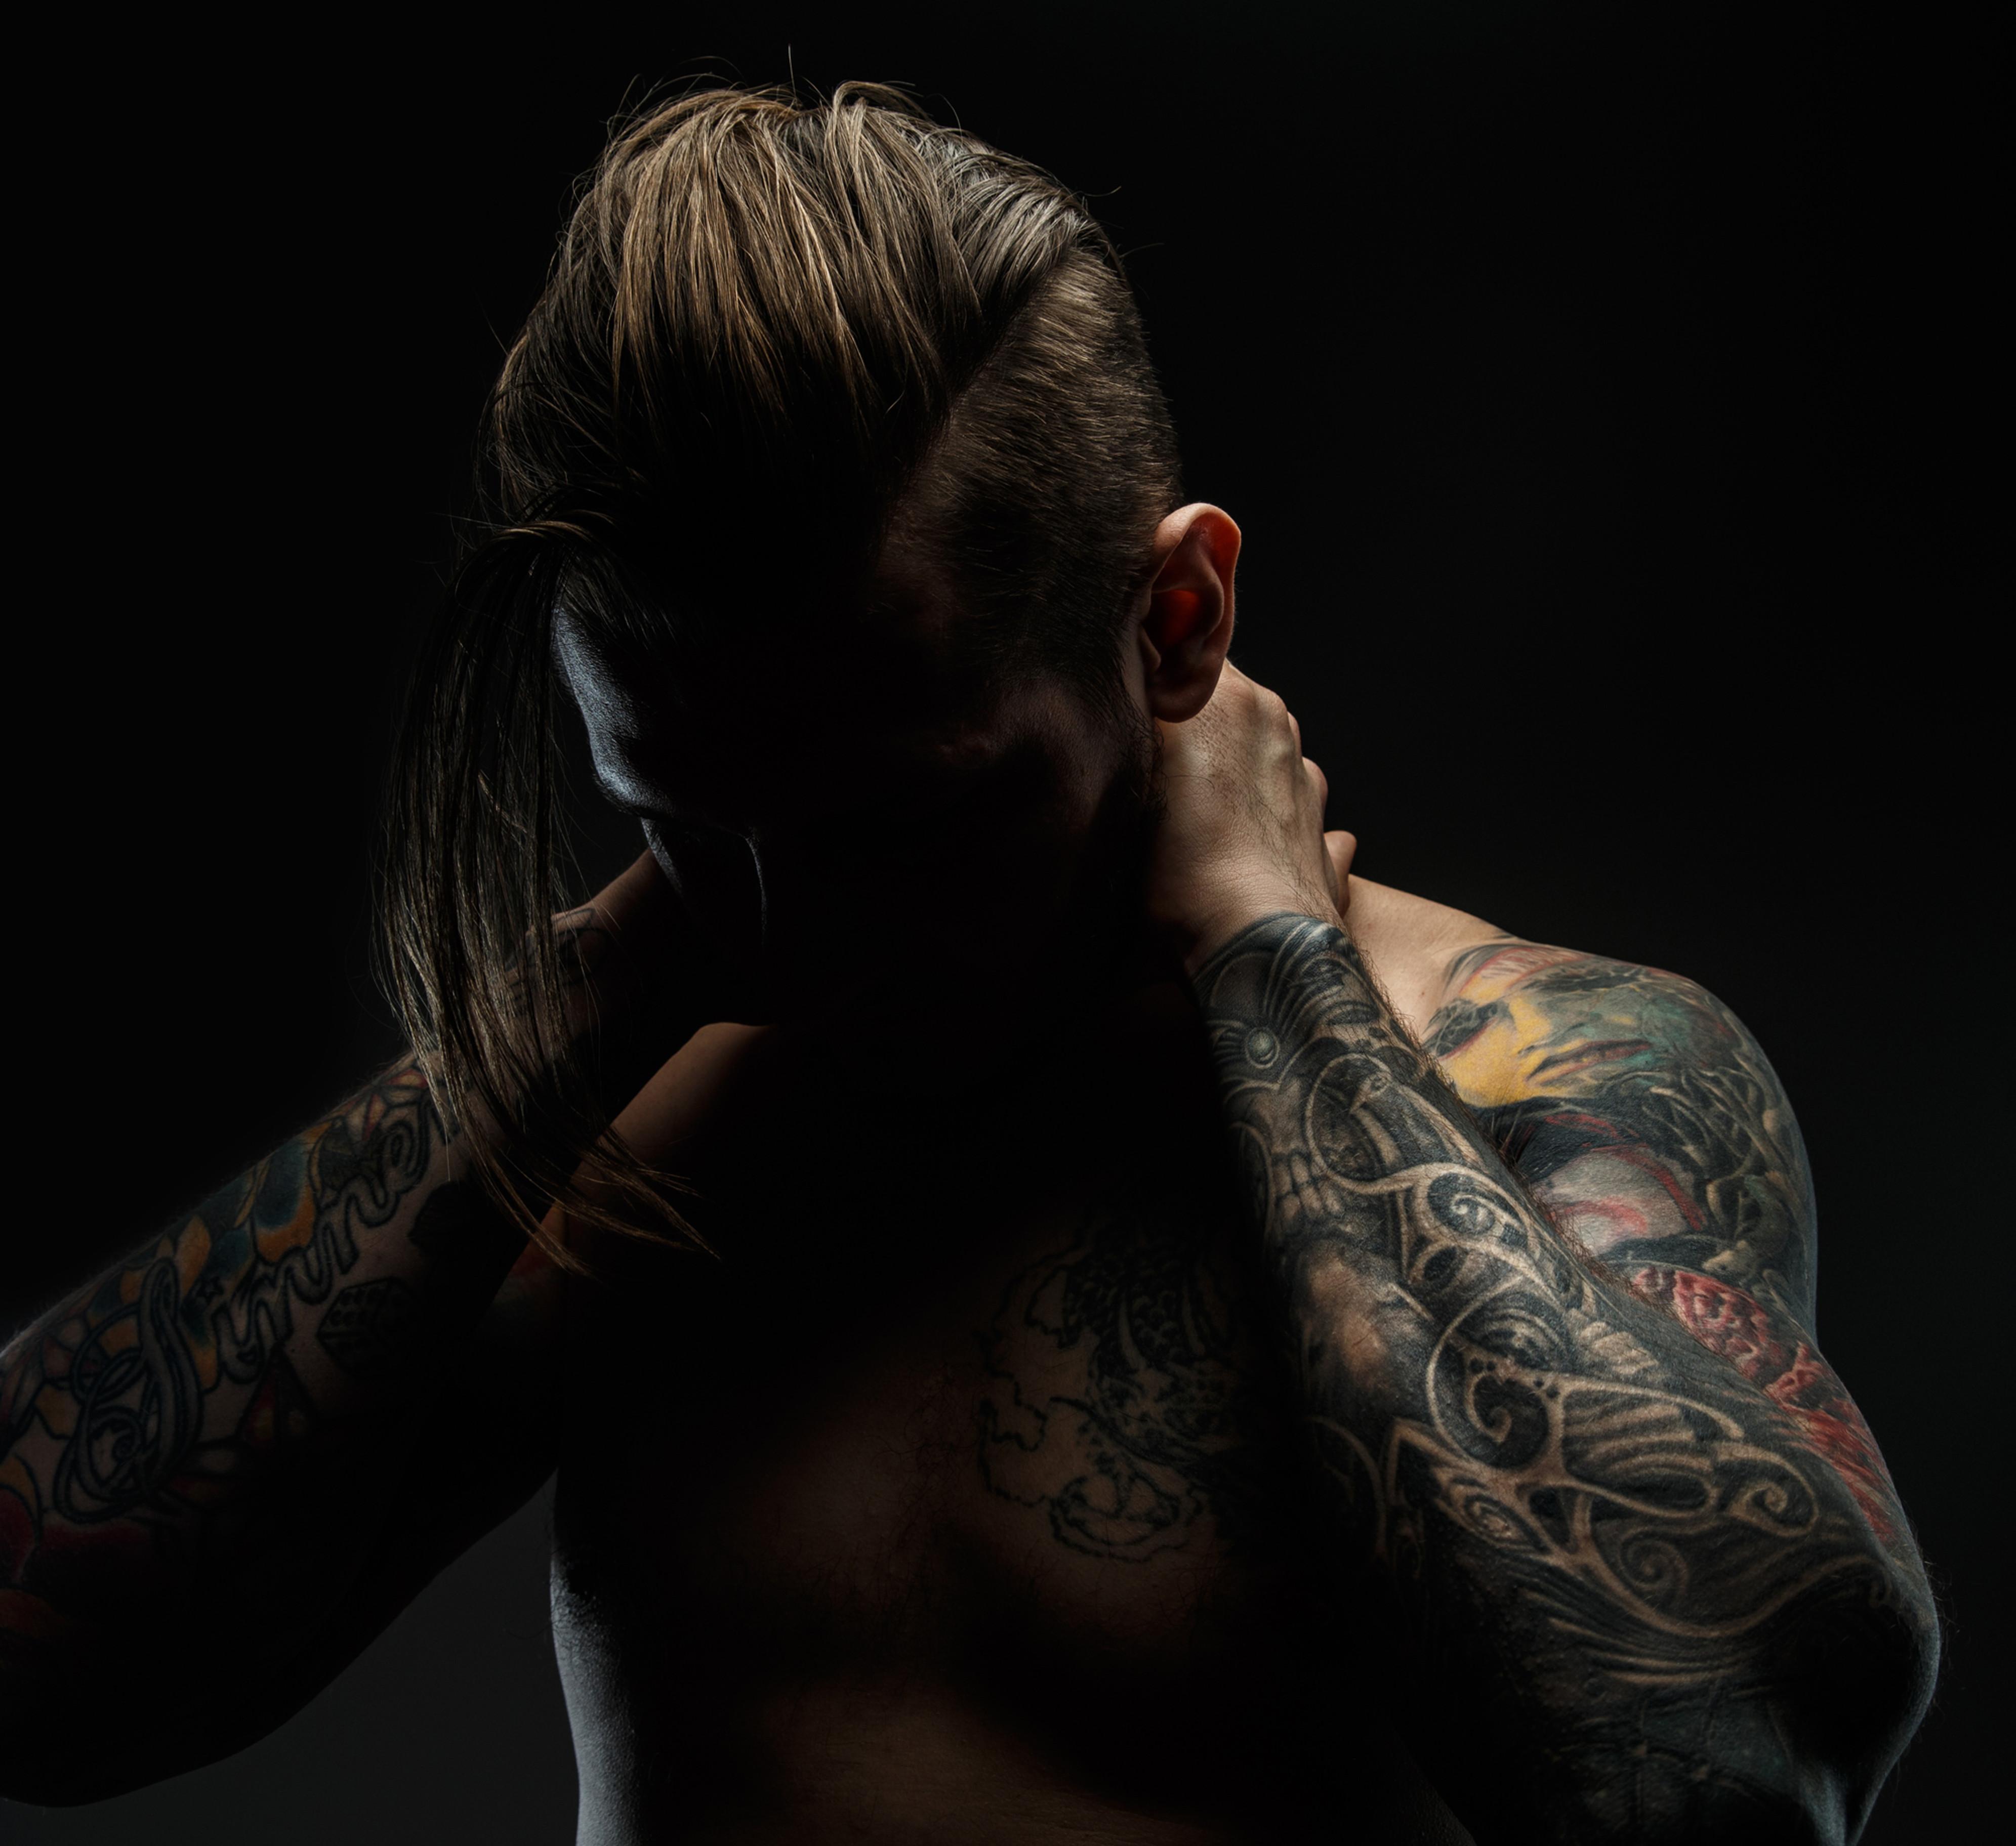 Tattoo Consultation & Quote